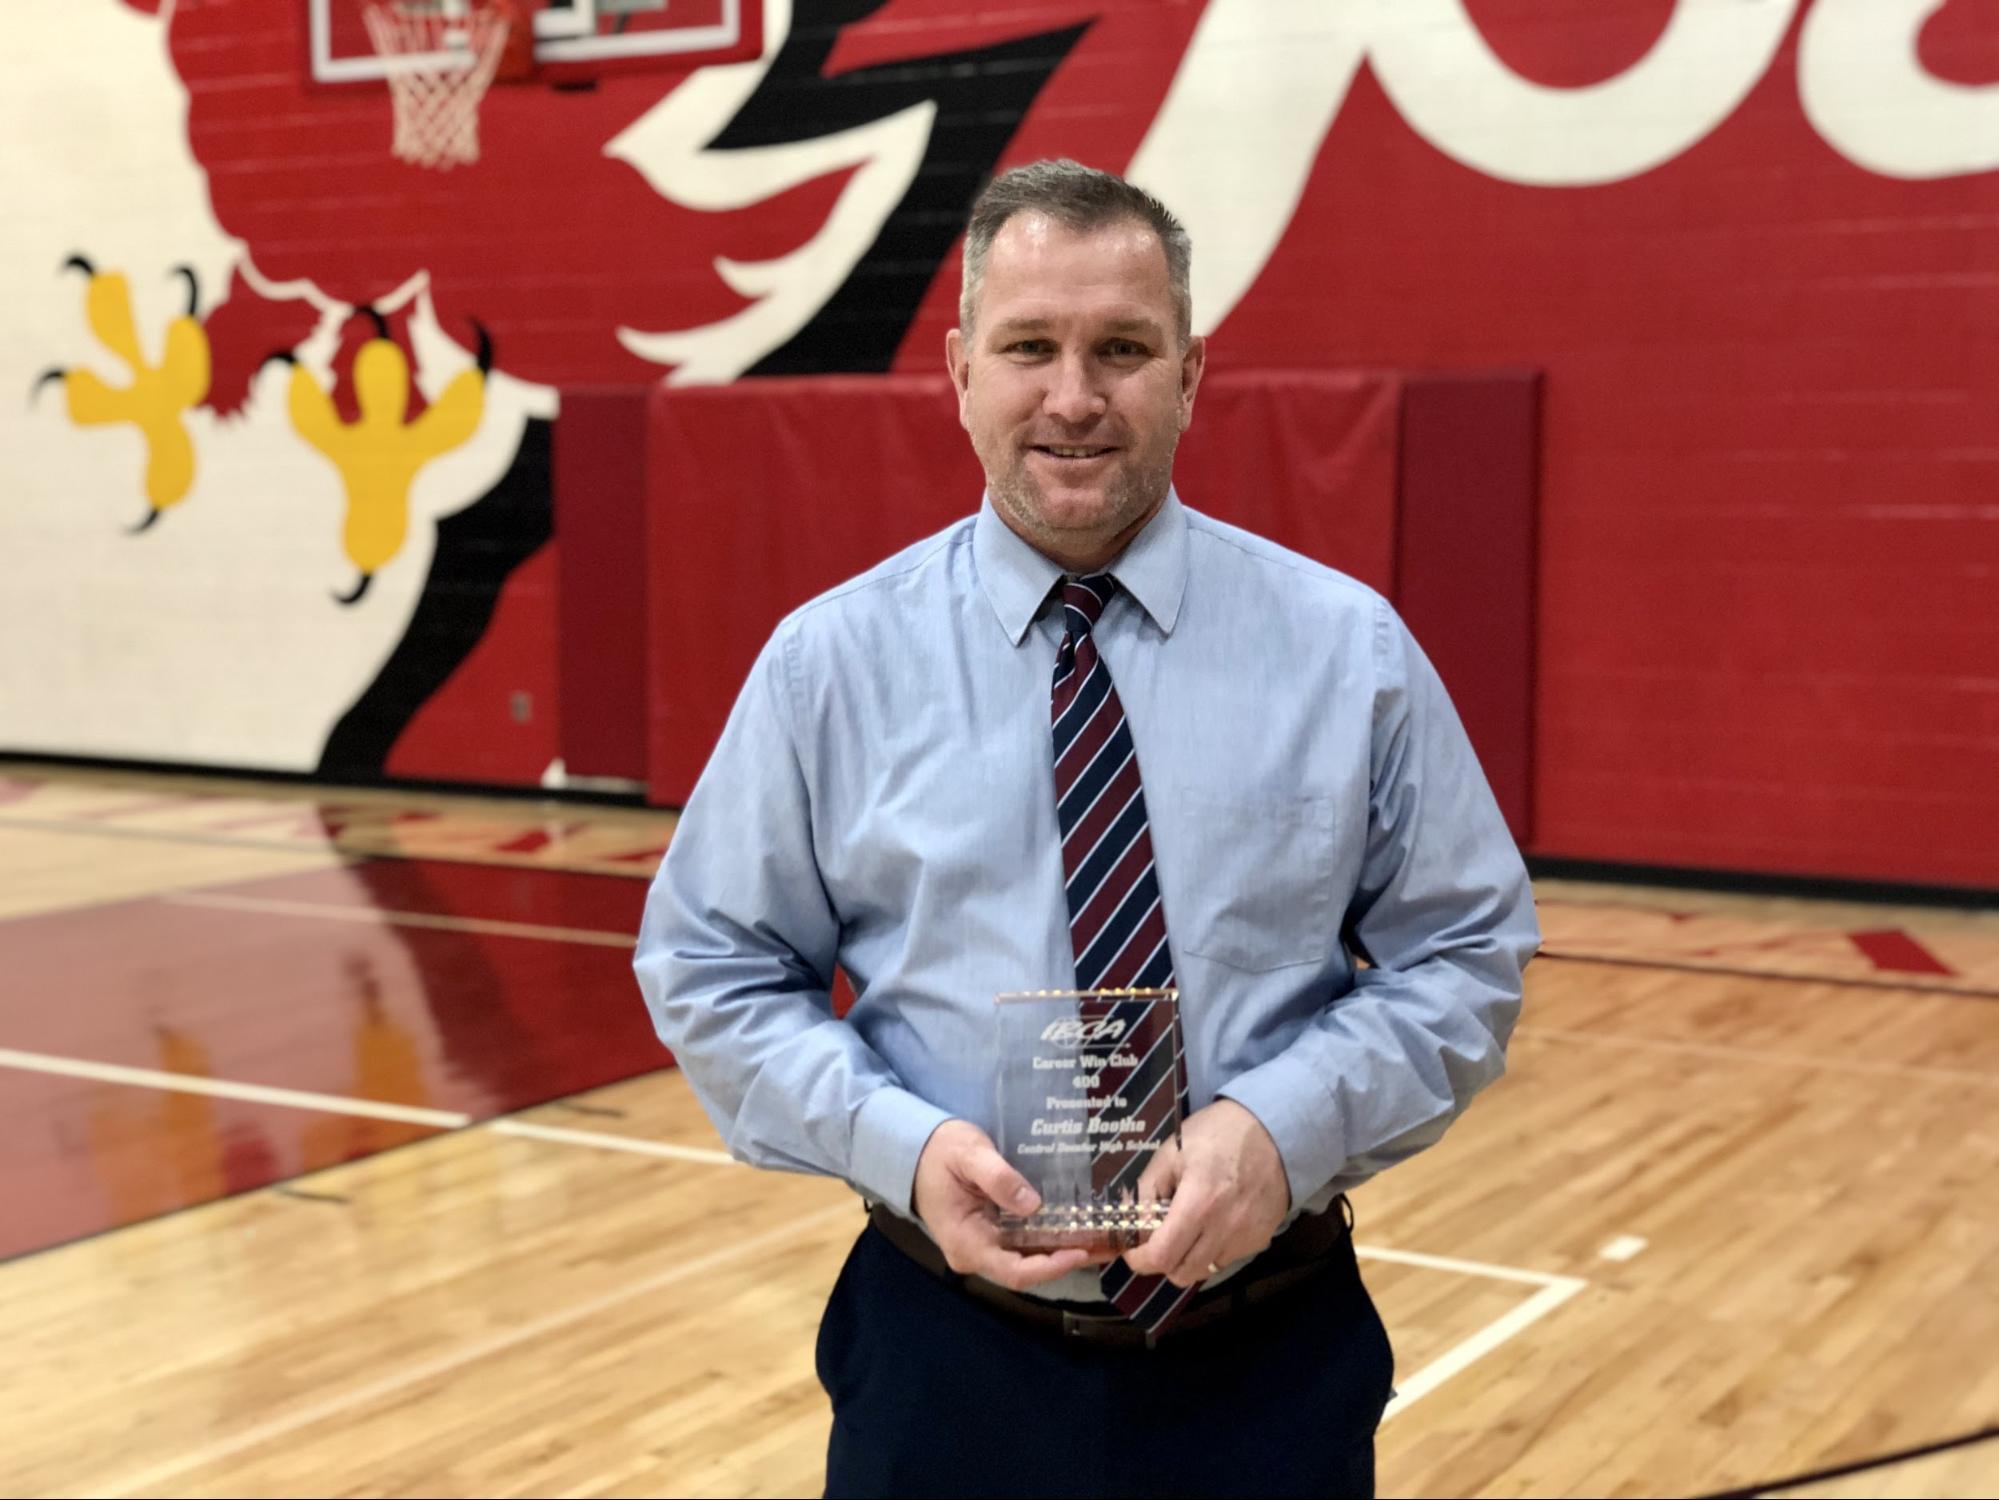 Coach Boothe